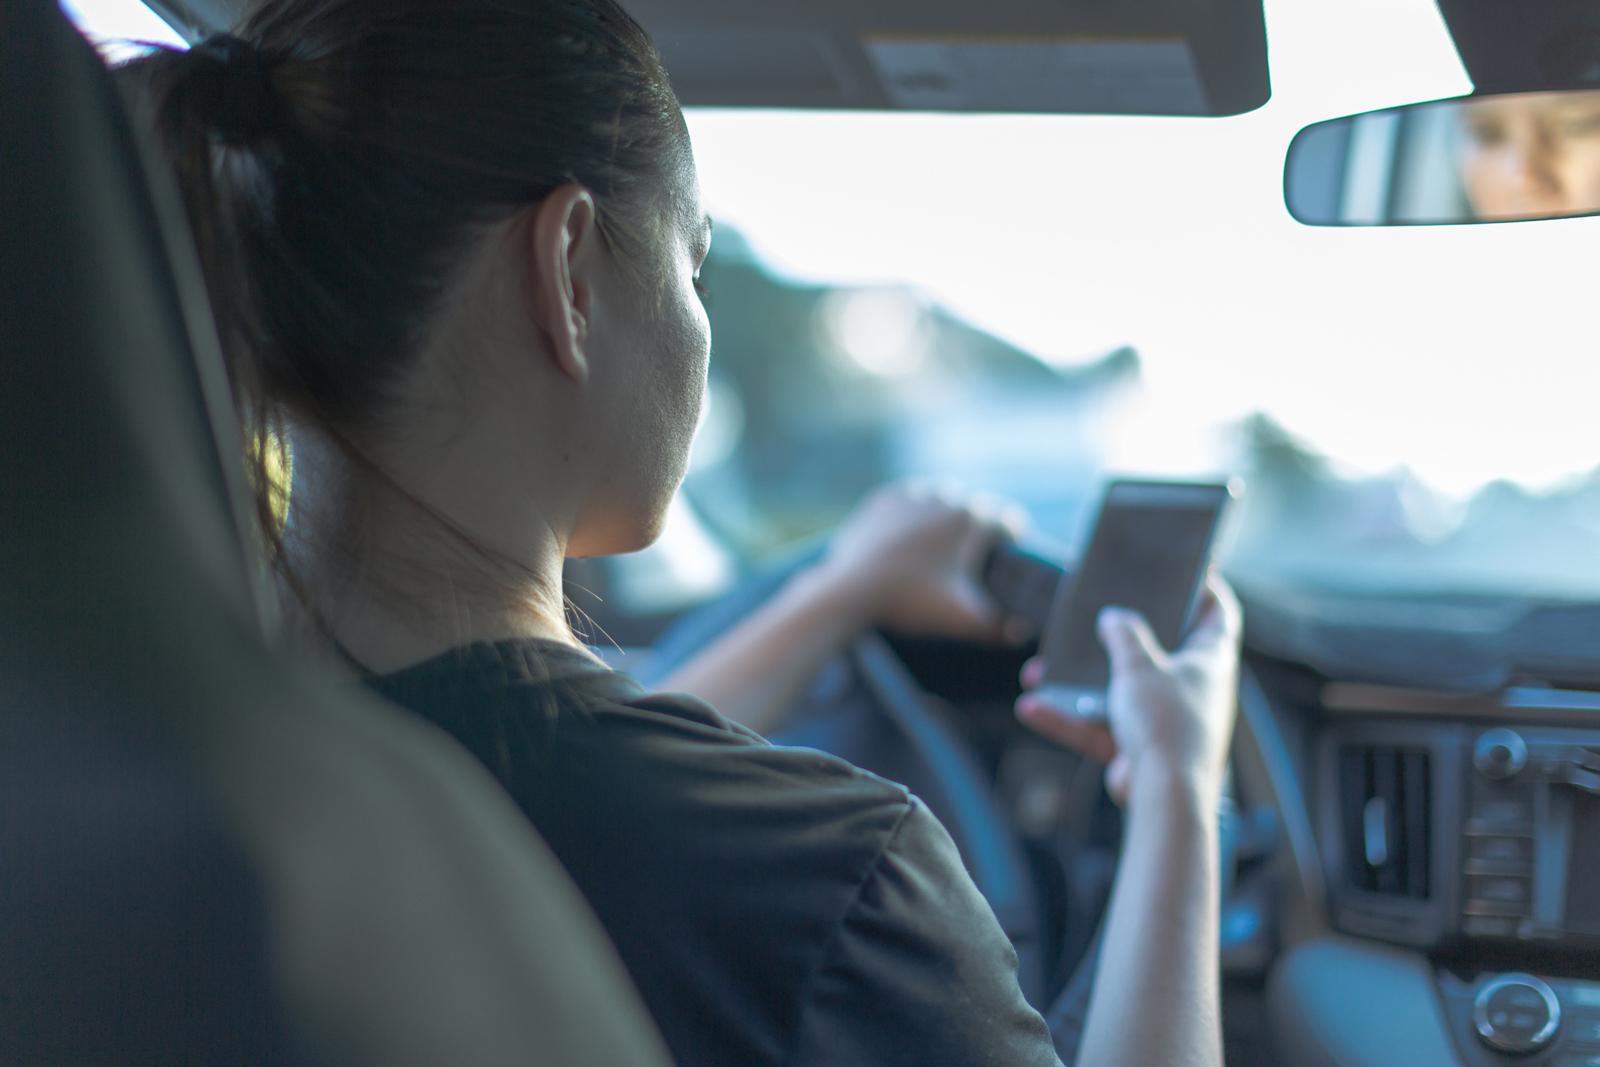 Fokus auf den Verkehr: Wer beim Autofahren zum Handy greift, riskiert hohe Strafen.